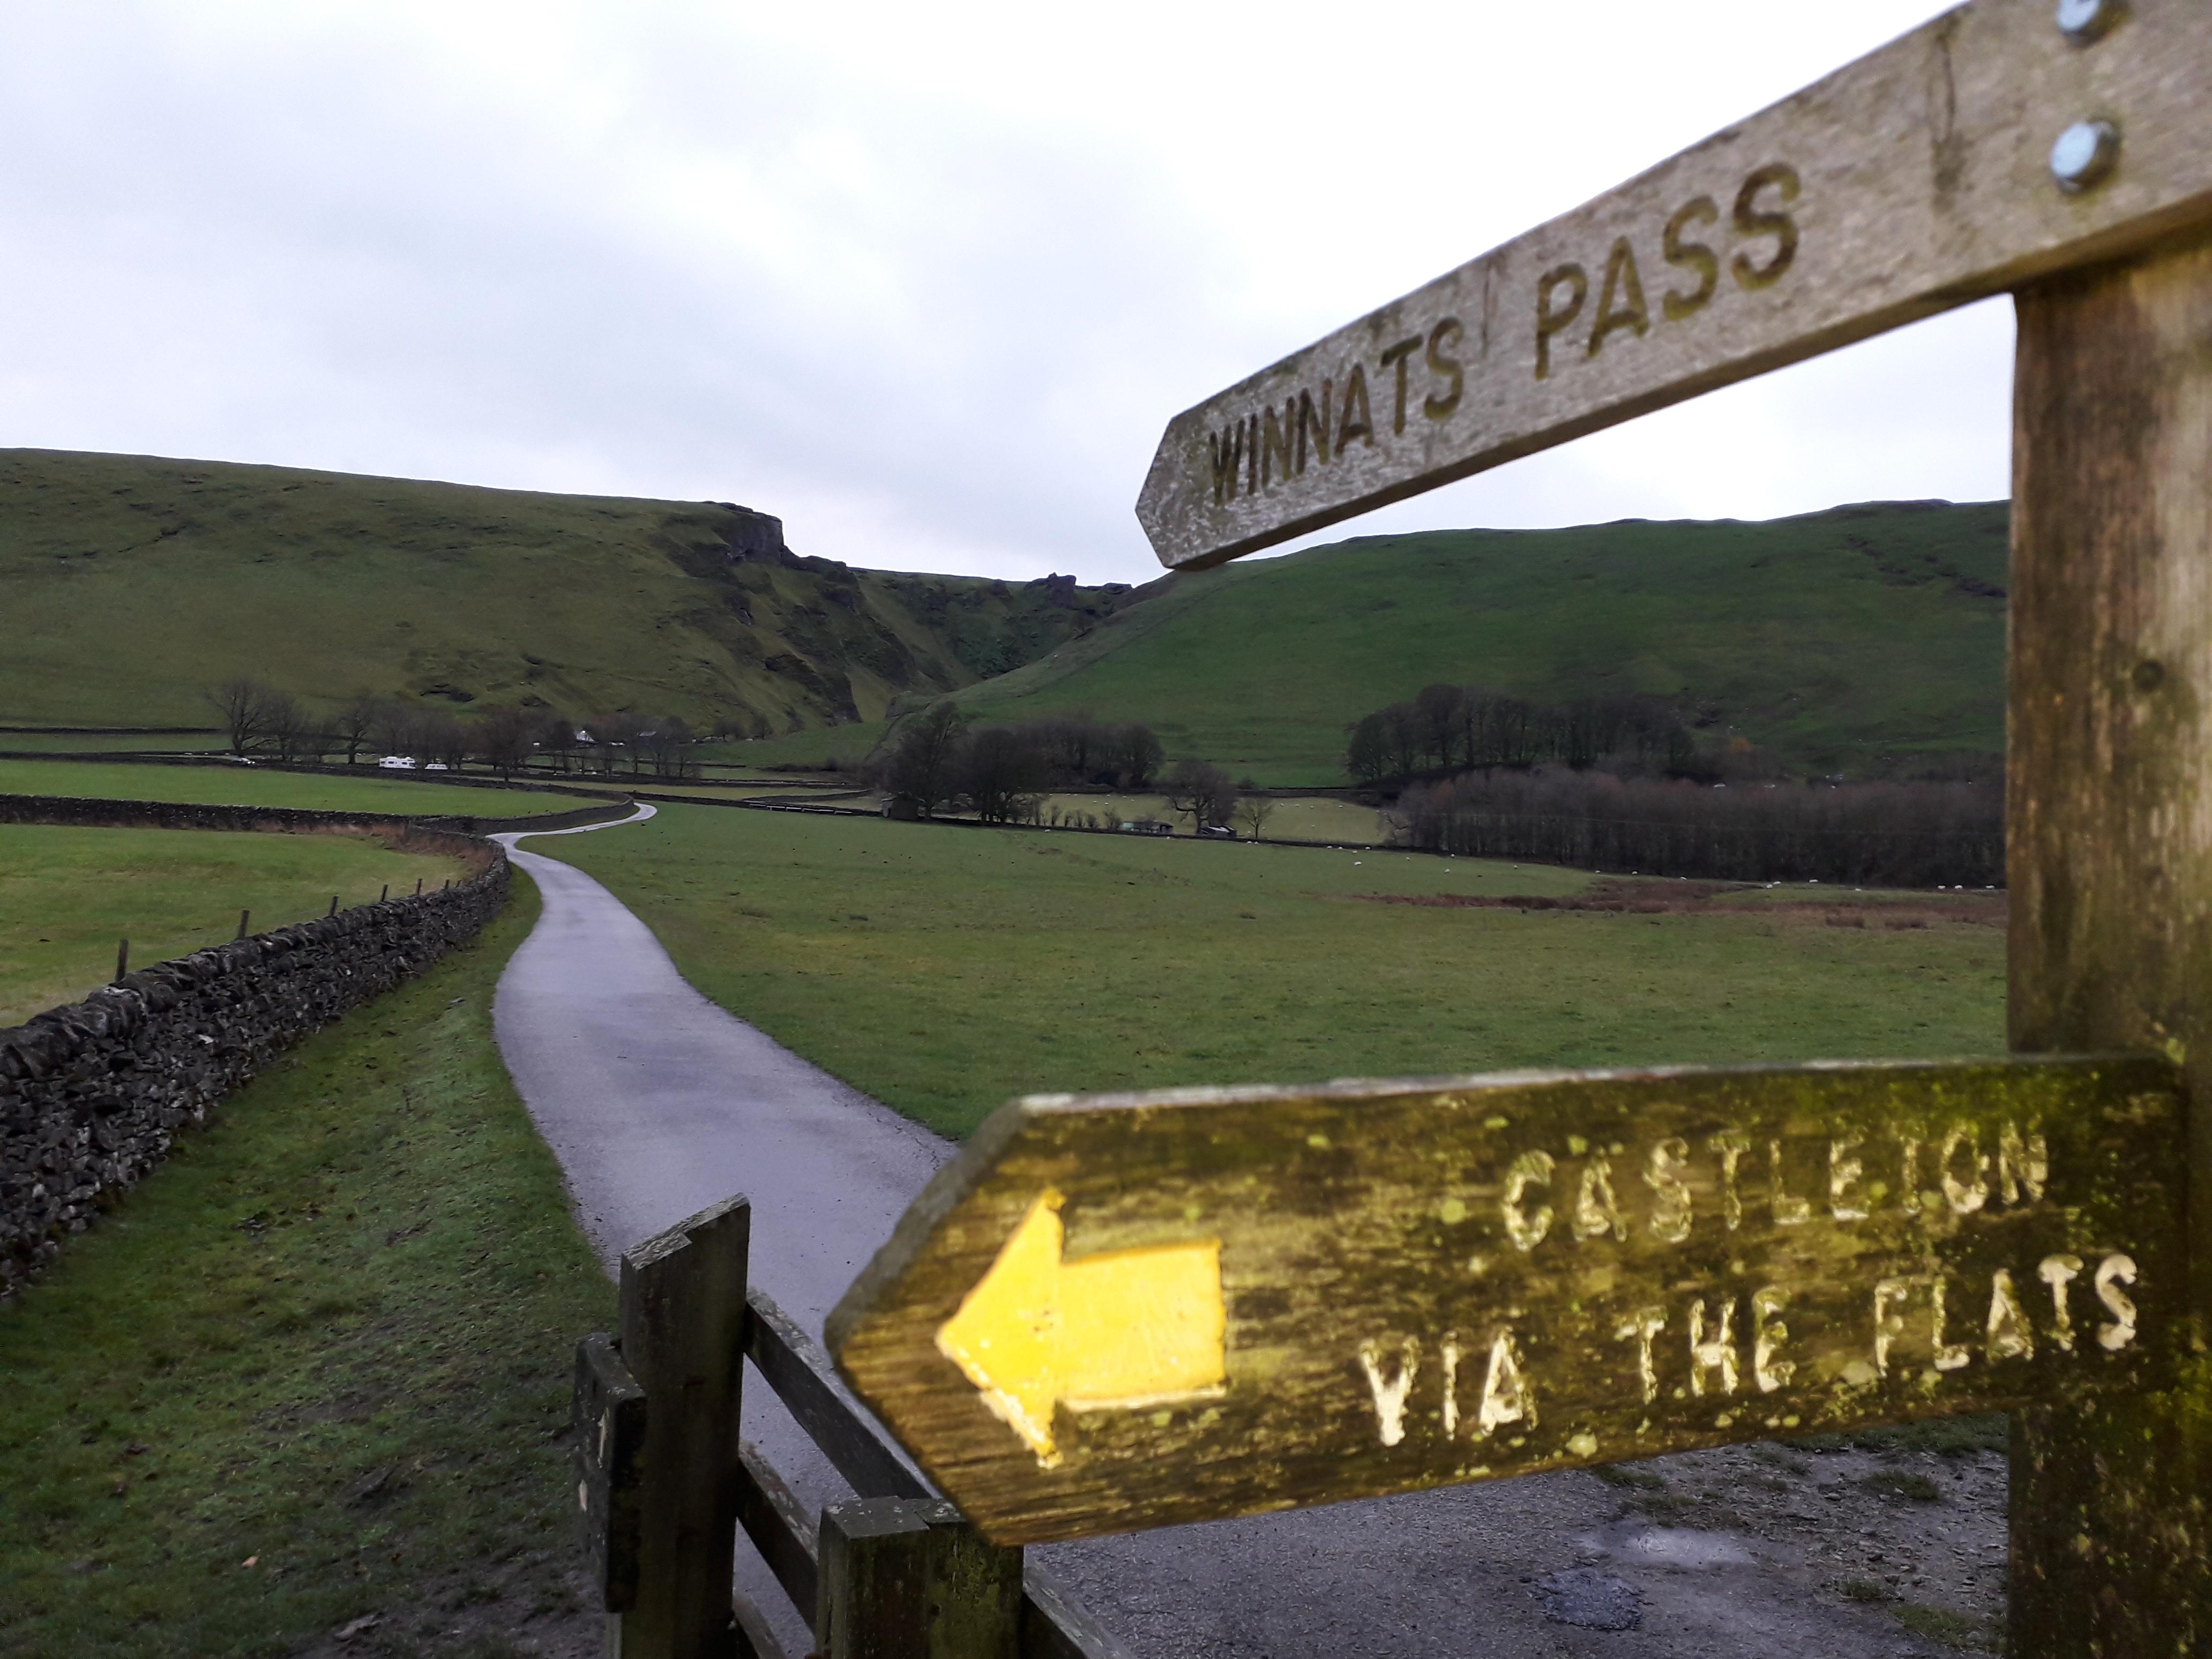 Our Circular Walk via Speedwell Cavern winnats pass